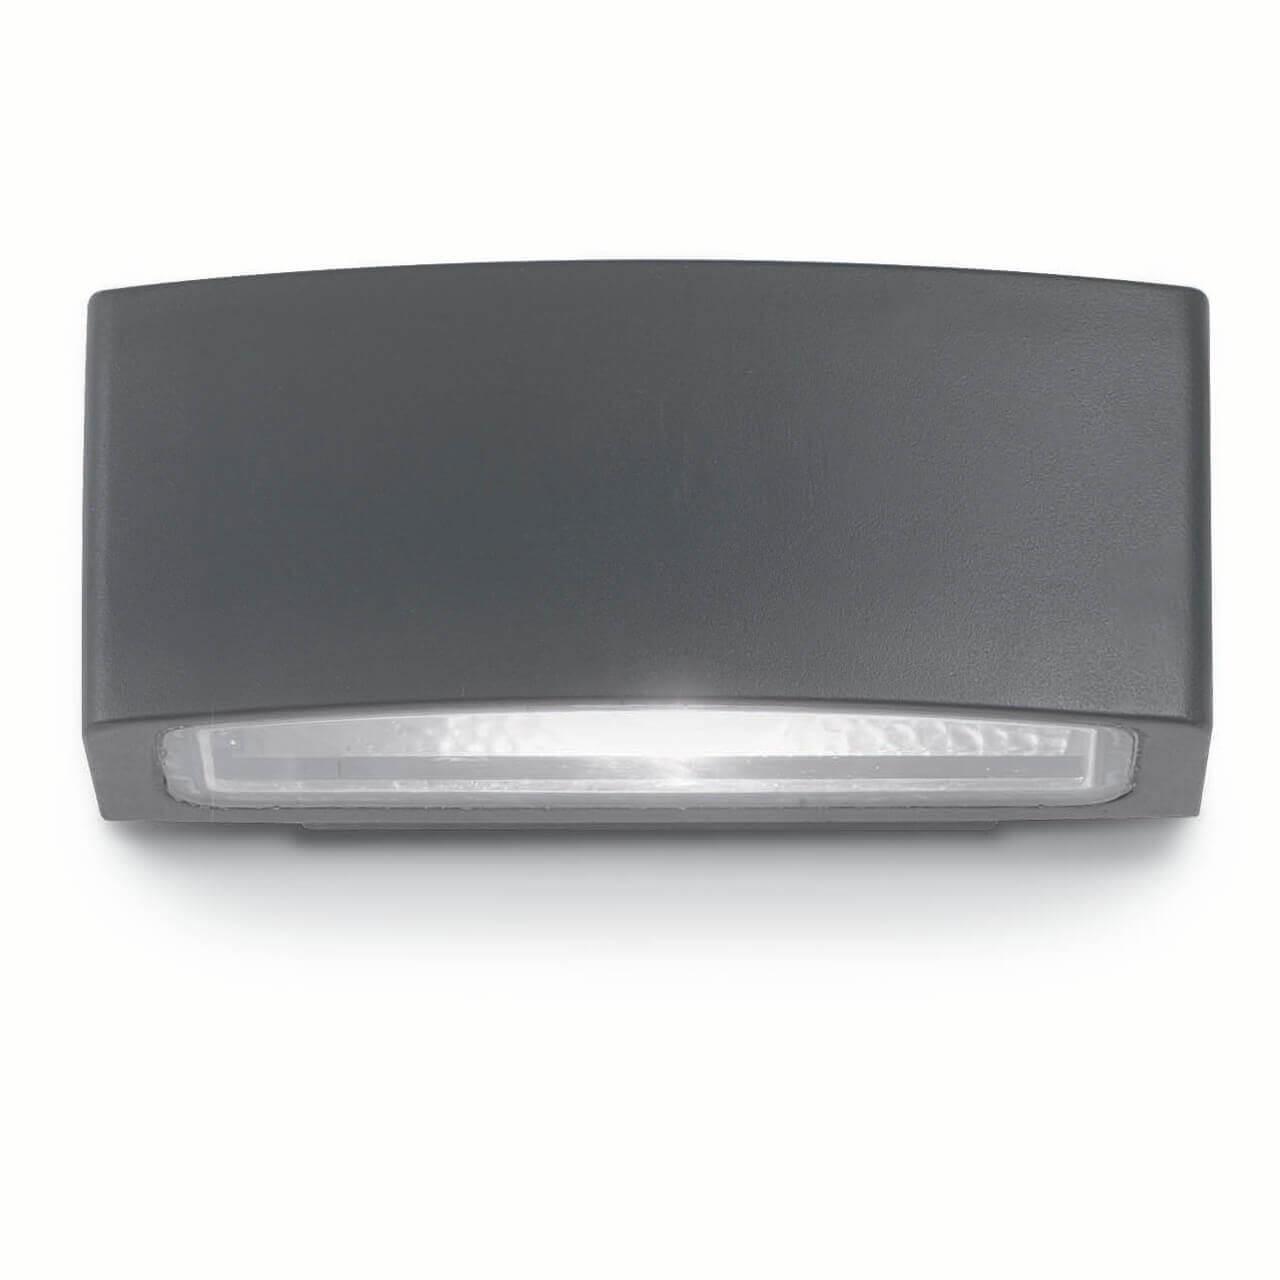 Уличный настенный светильник Ideal Lux Andromeda AP1 Antracite цена и фото